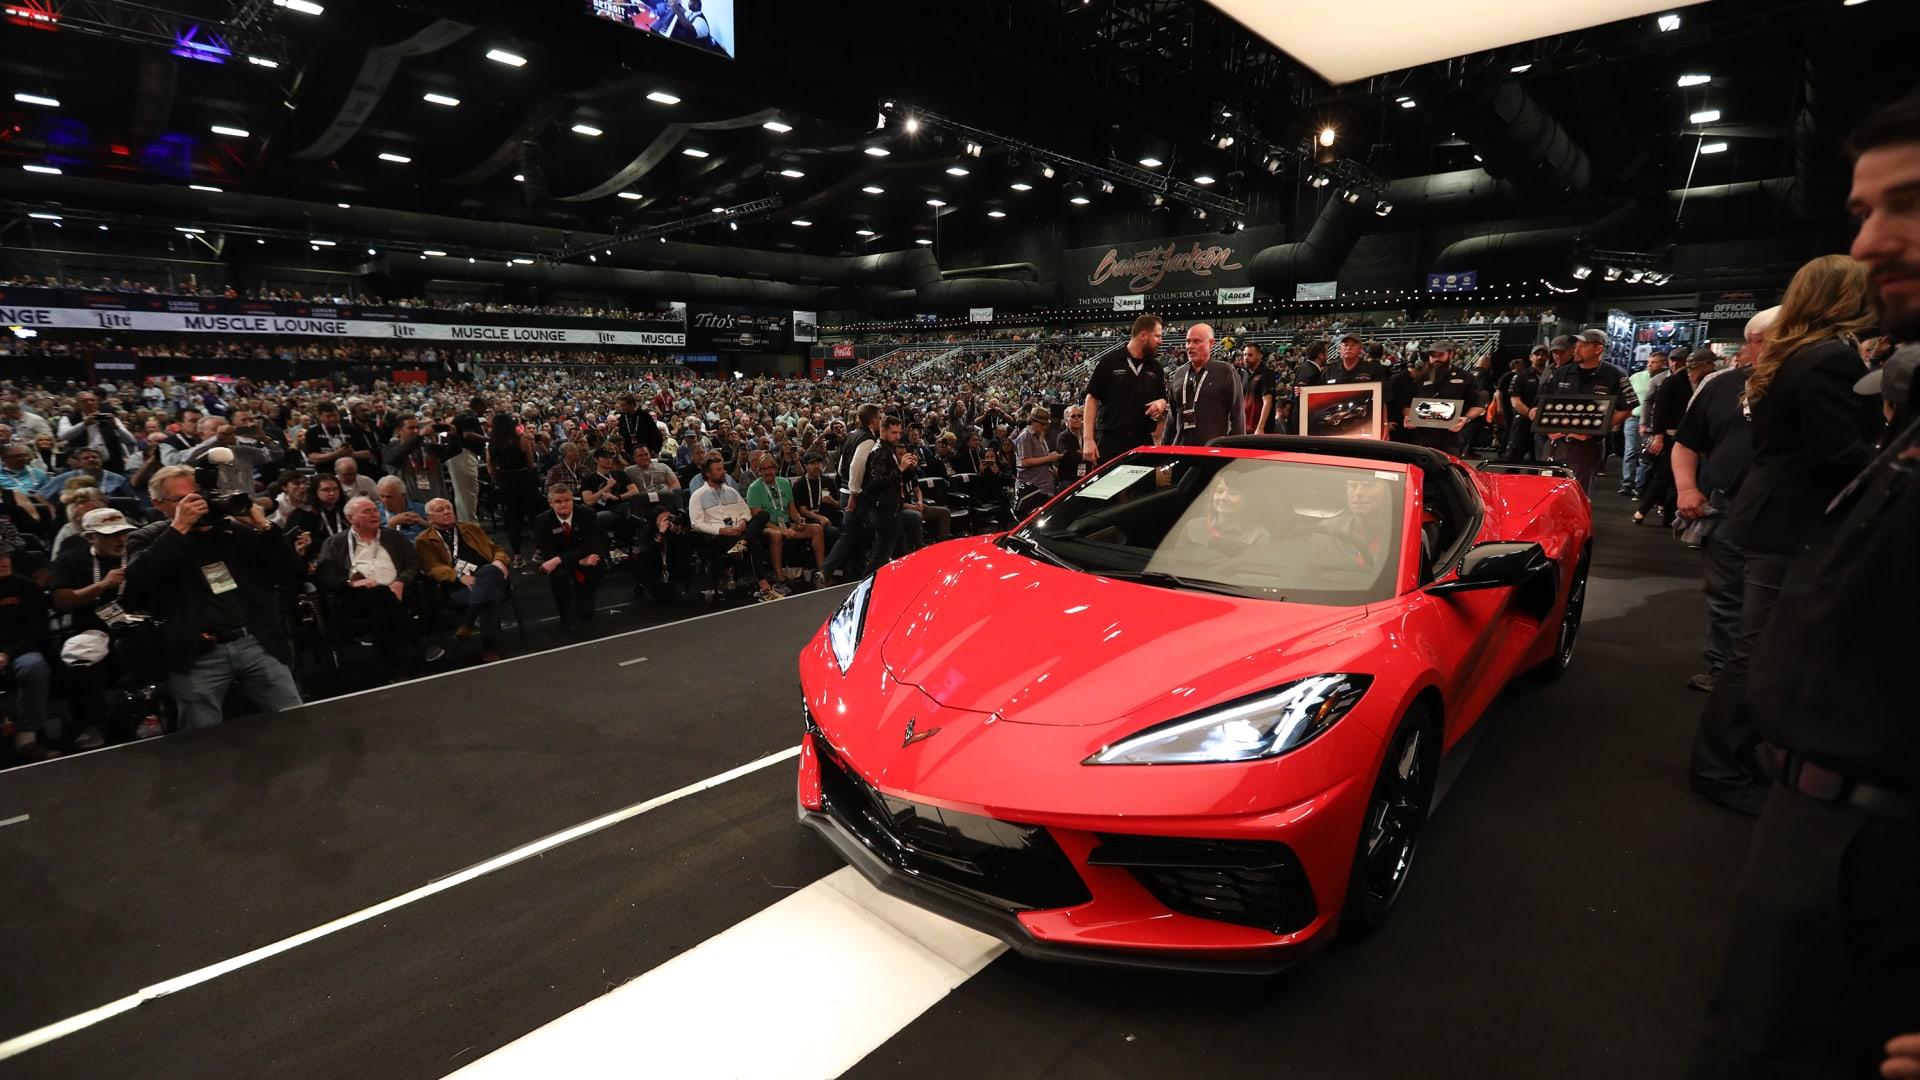 أول سيارة كورفيت من طراز 2020 تباع في مزاد مقابل 3 ملايين دولار